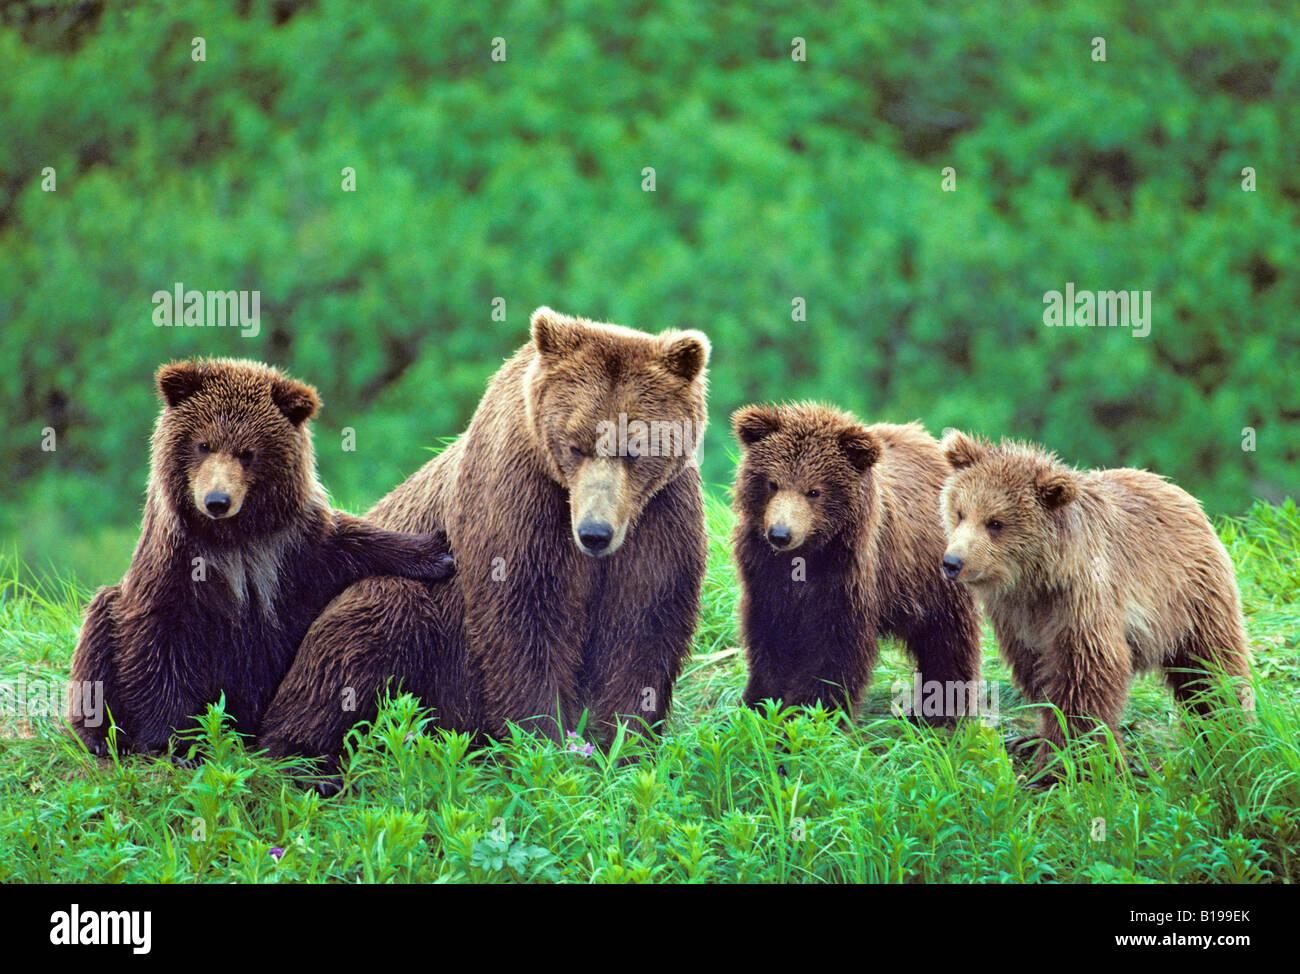 Oso pardo (Ursus arctos) madre con triplete yearling cubs, costera de Alaska. Imagen De Stock